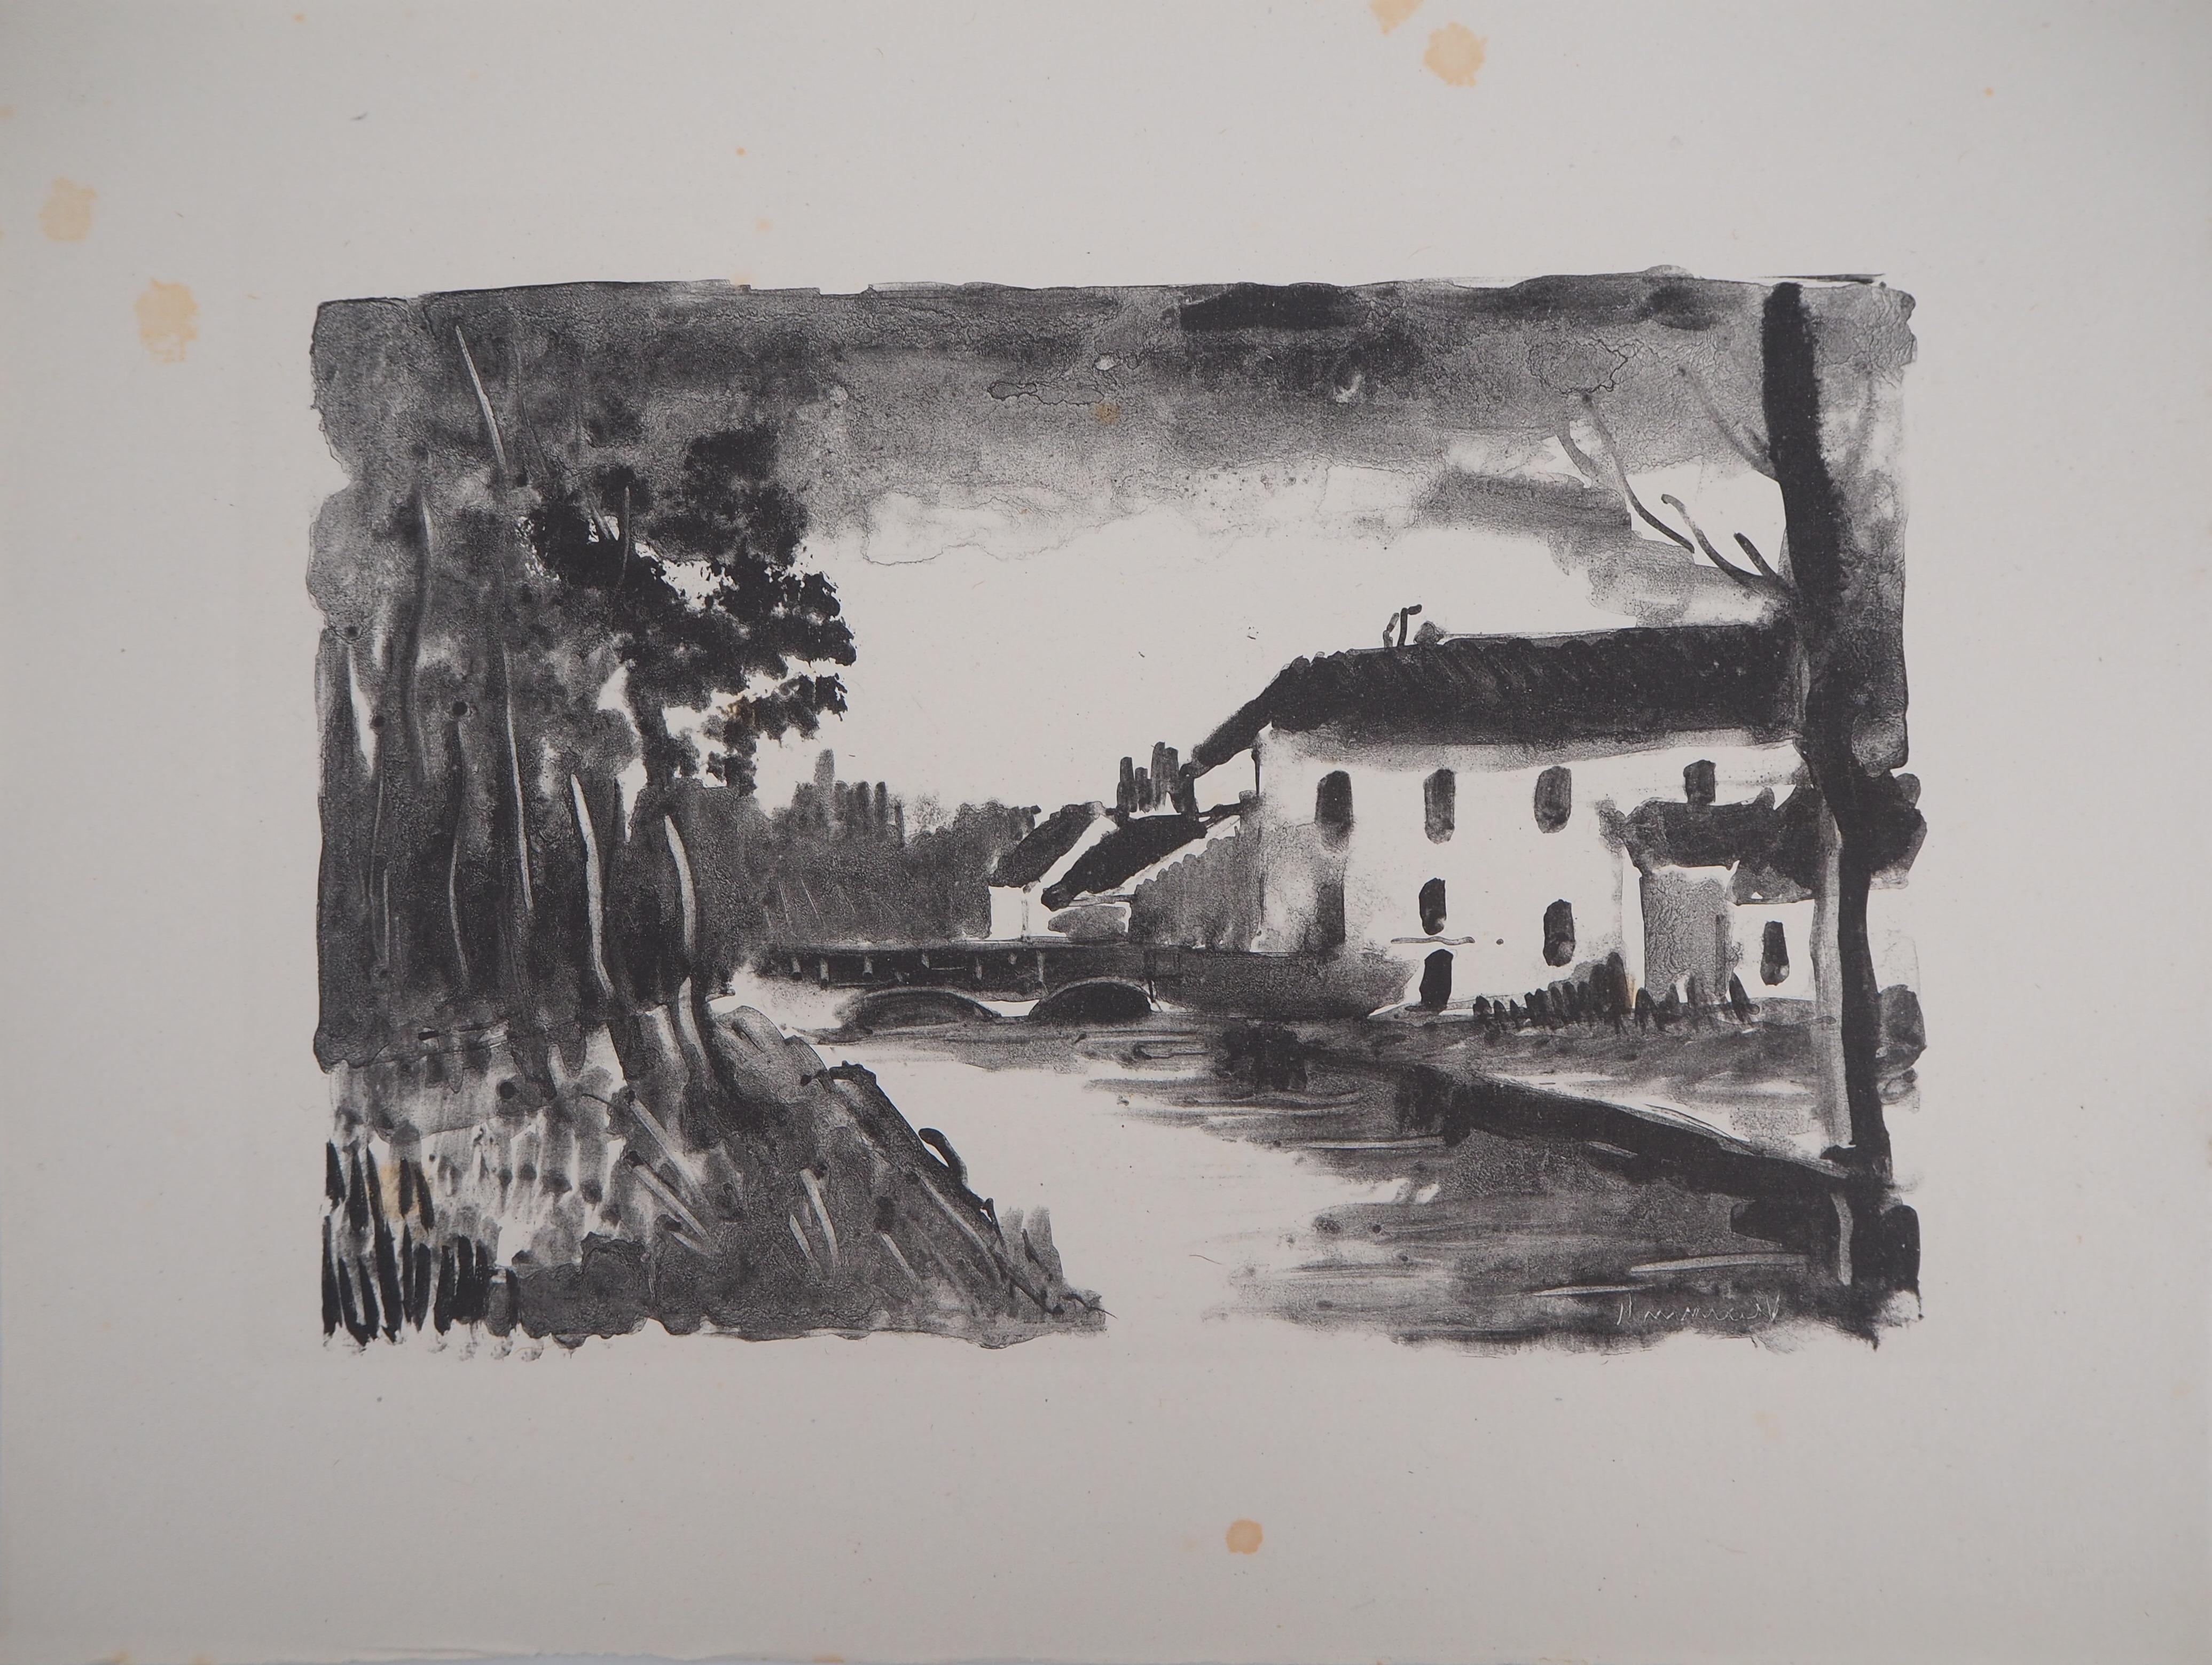 Moulin de la Naze - Original lithograph, (K. de Walterskirchen #181)